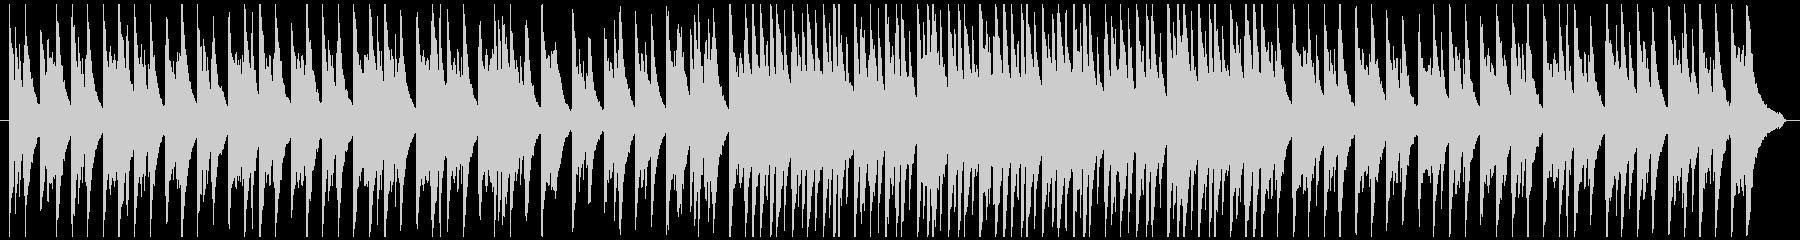 やさしい雰囲気をイメージしたピアノBGMの未再生の波形